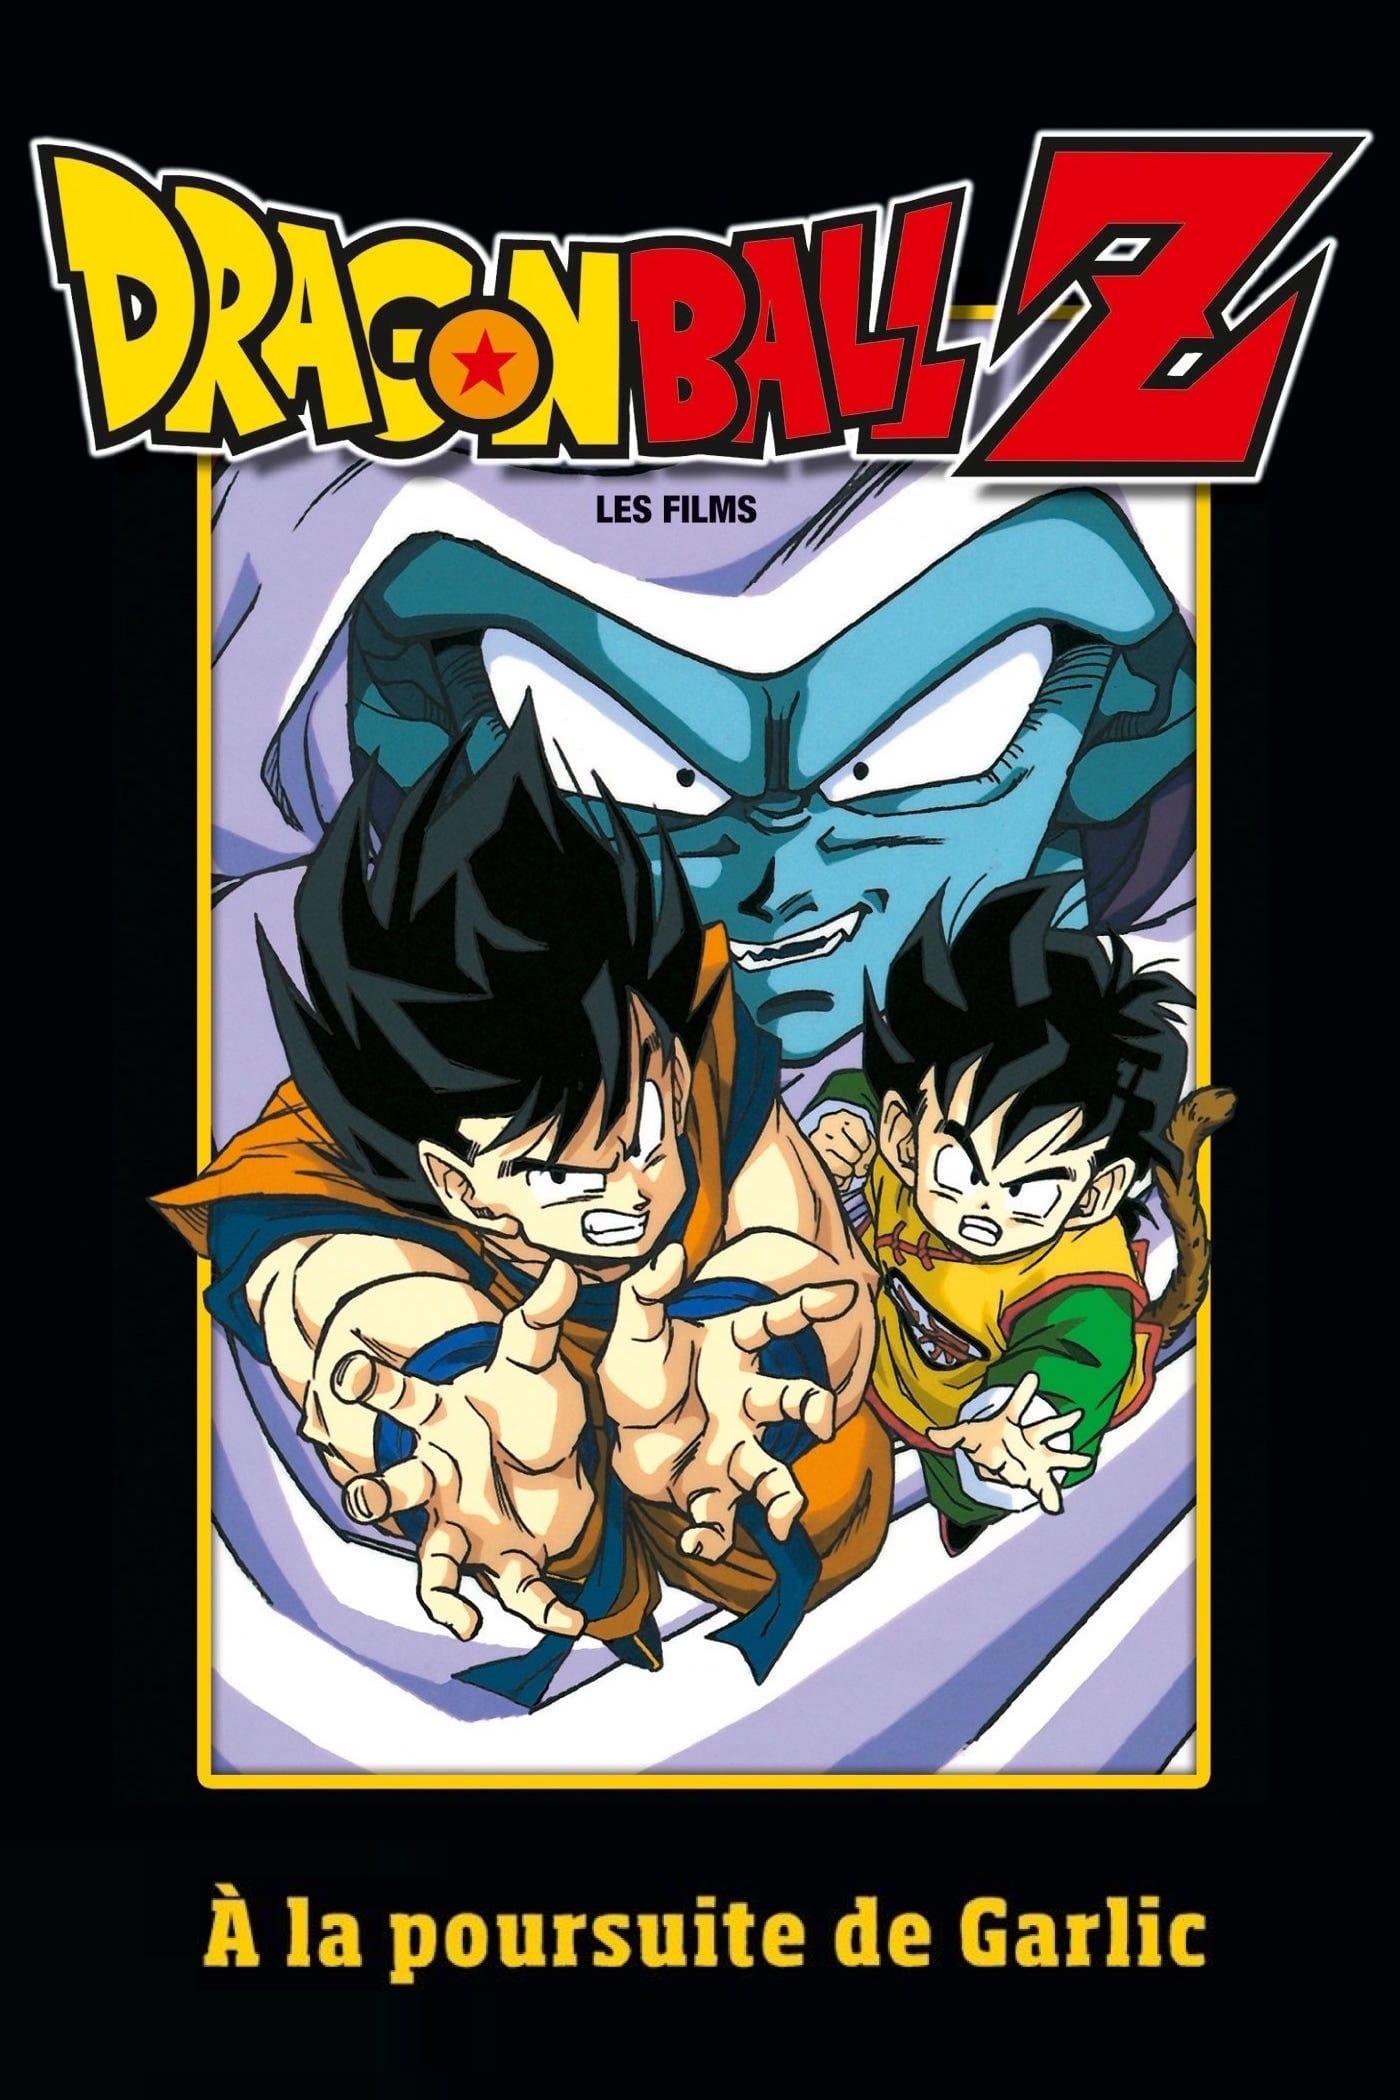 Dragon Ball Z – A la poursuite de Garlic